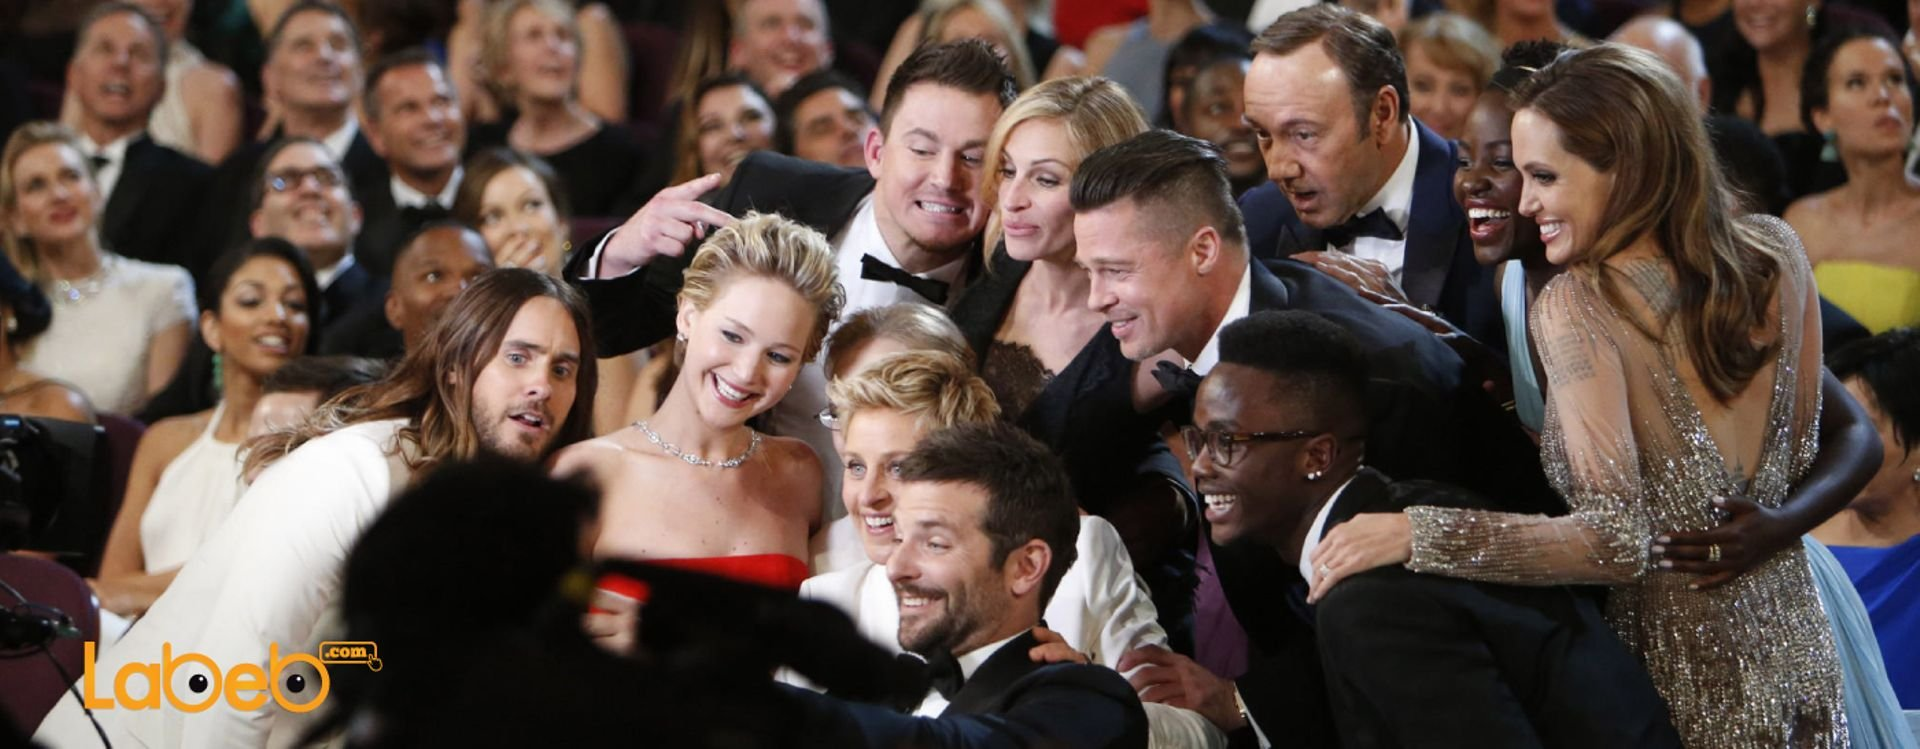 نشرت المذيعة والممثلة الأمريكية ألين دي جينيريس صورة سيلفي جمعتها بمشاهير السينما الأمريكية